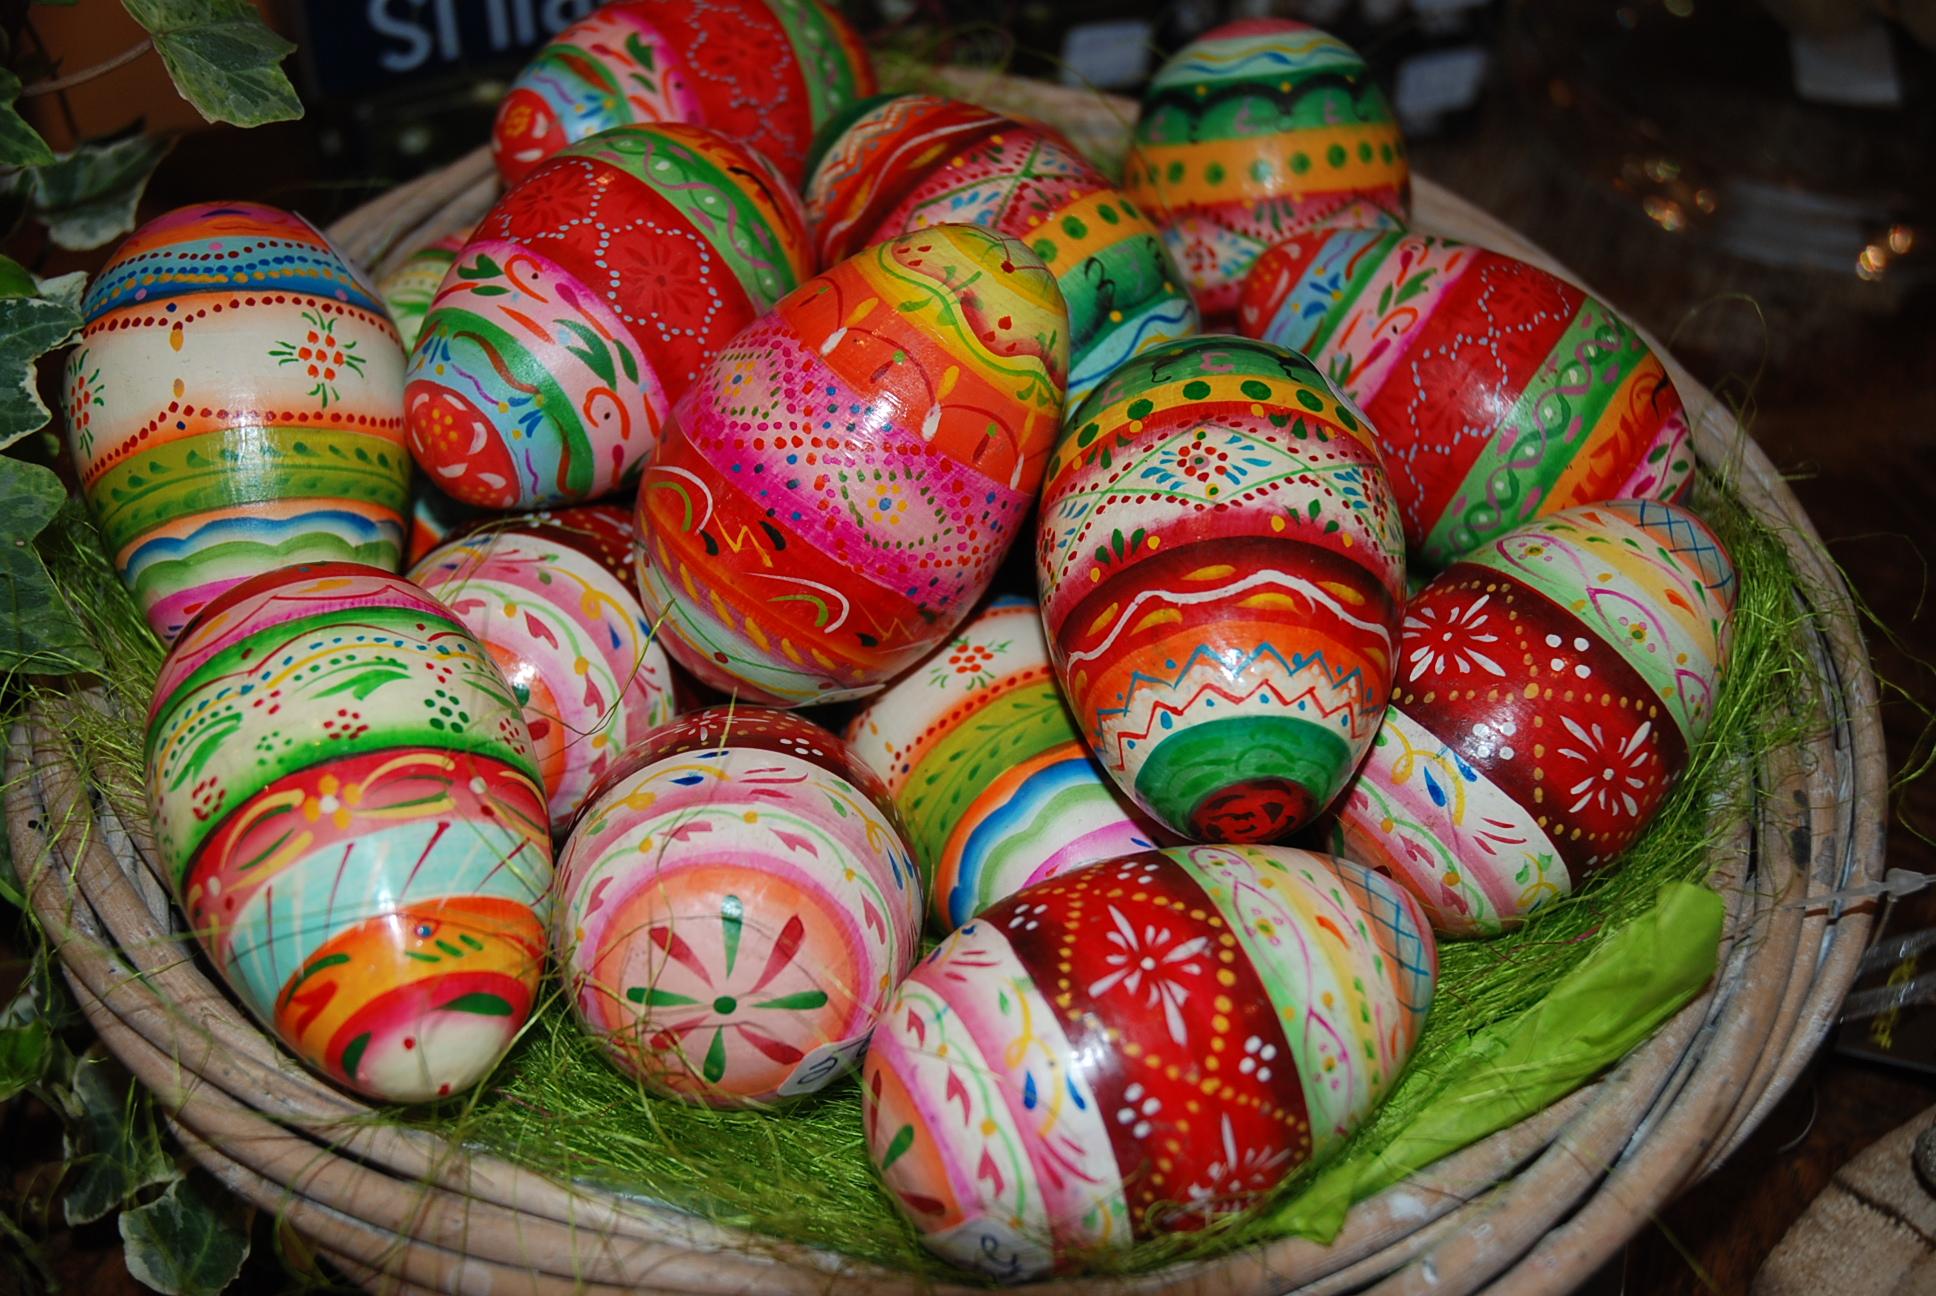 Les oeufs de pâques en bois coloré